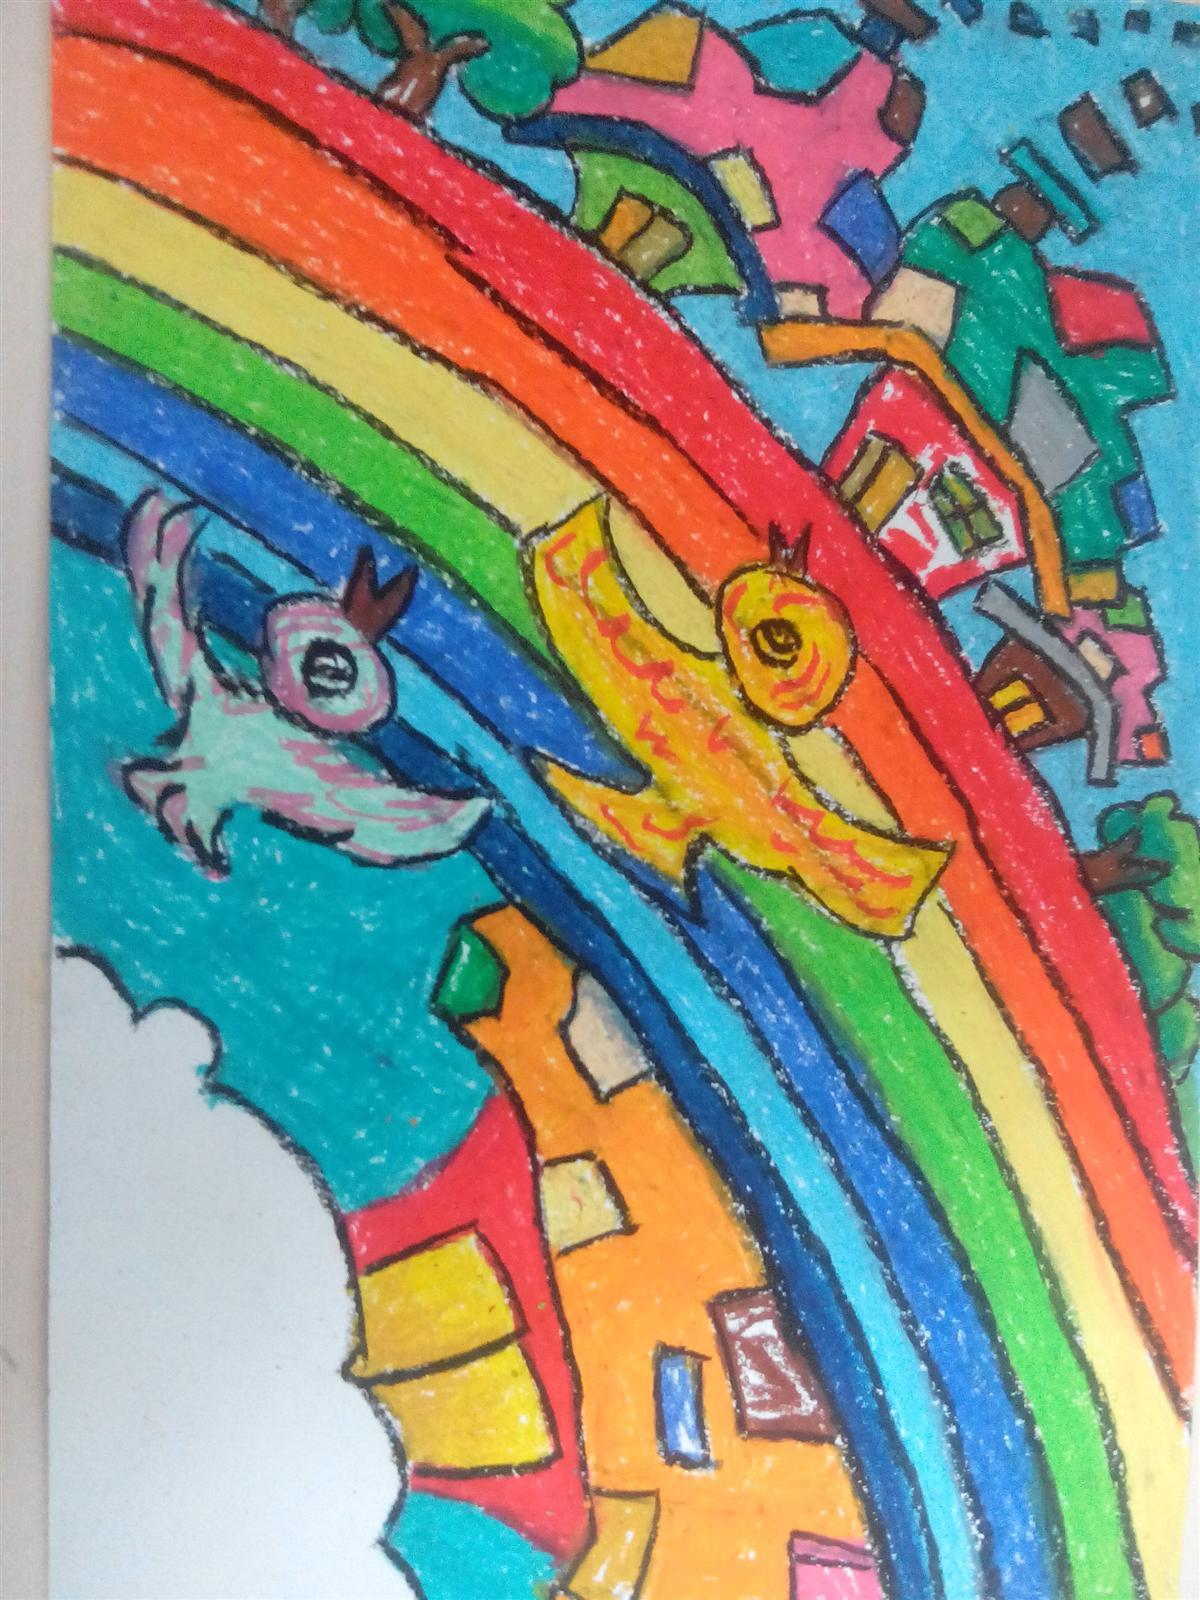 蜡笔画 - 其它童画作品 - 山西少儿美术